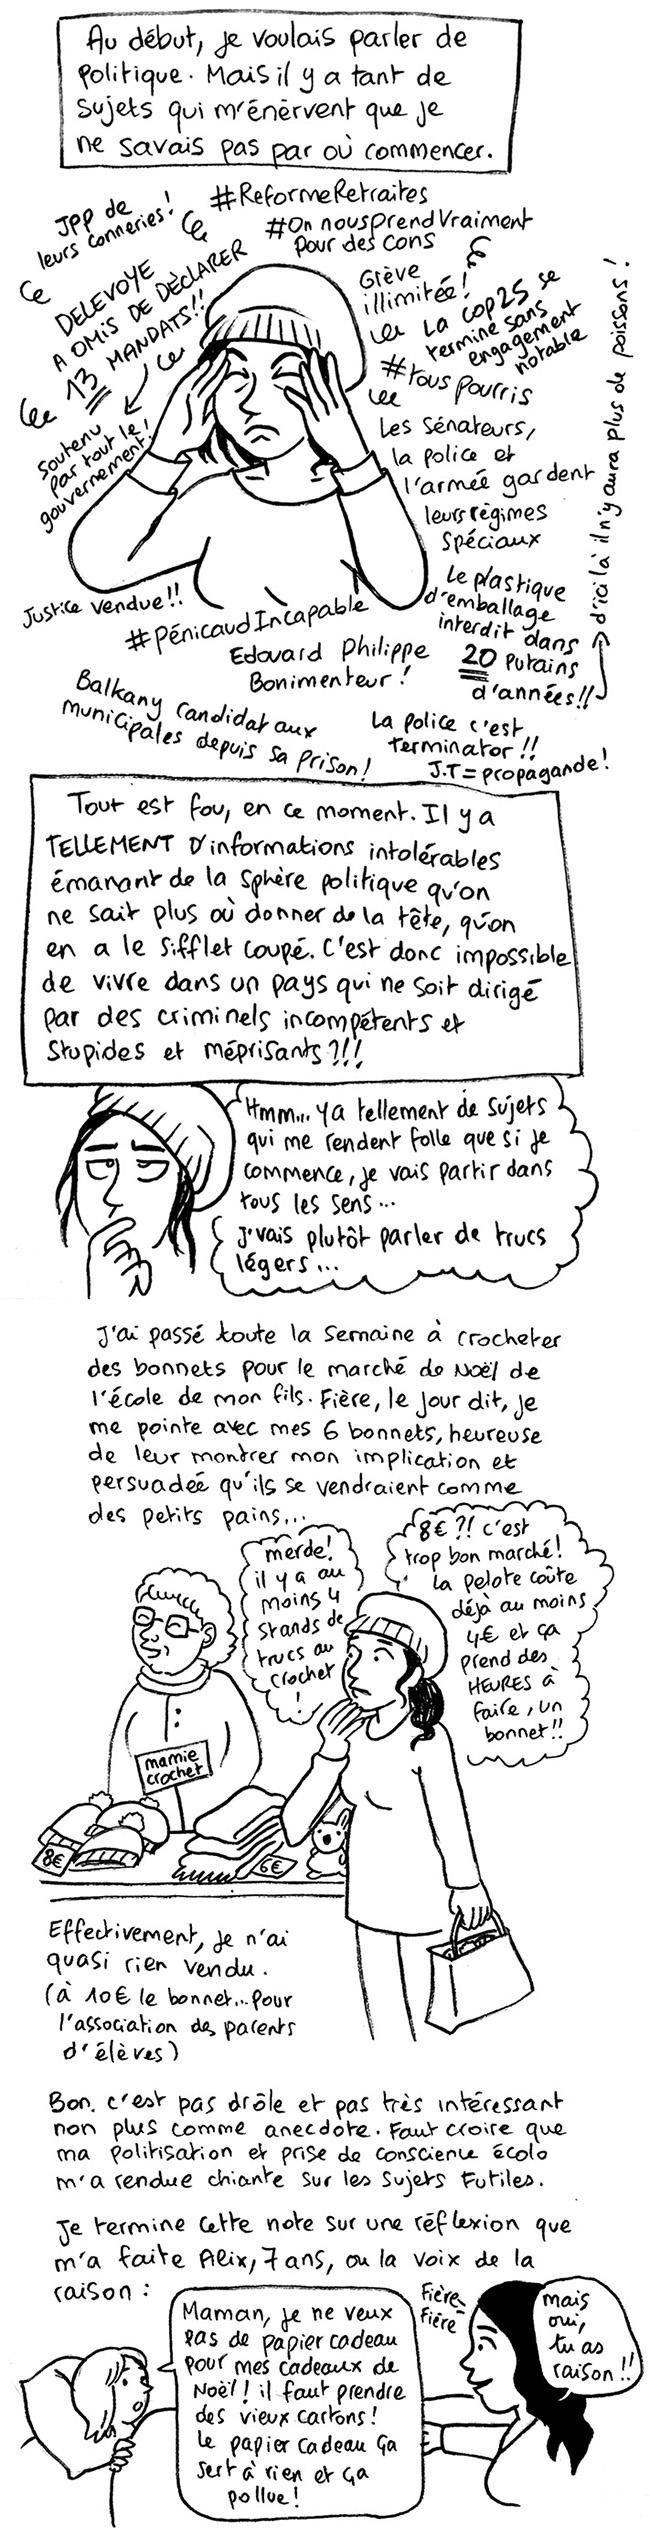 http://melaka.free.fr/blog/raison.jpg